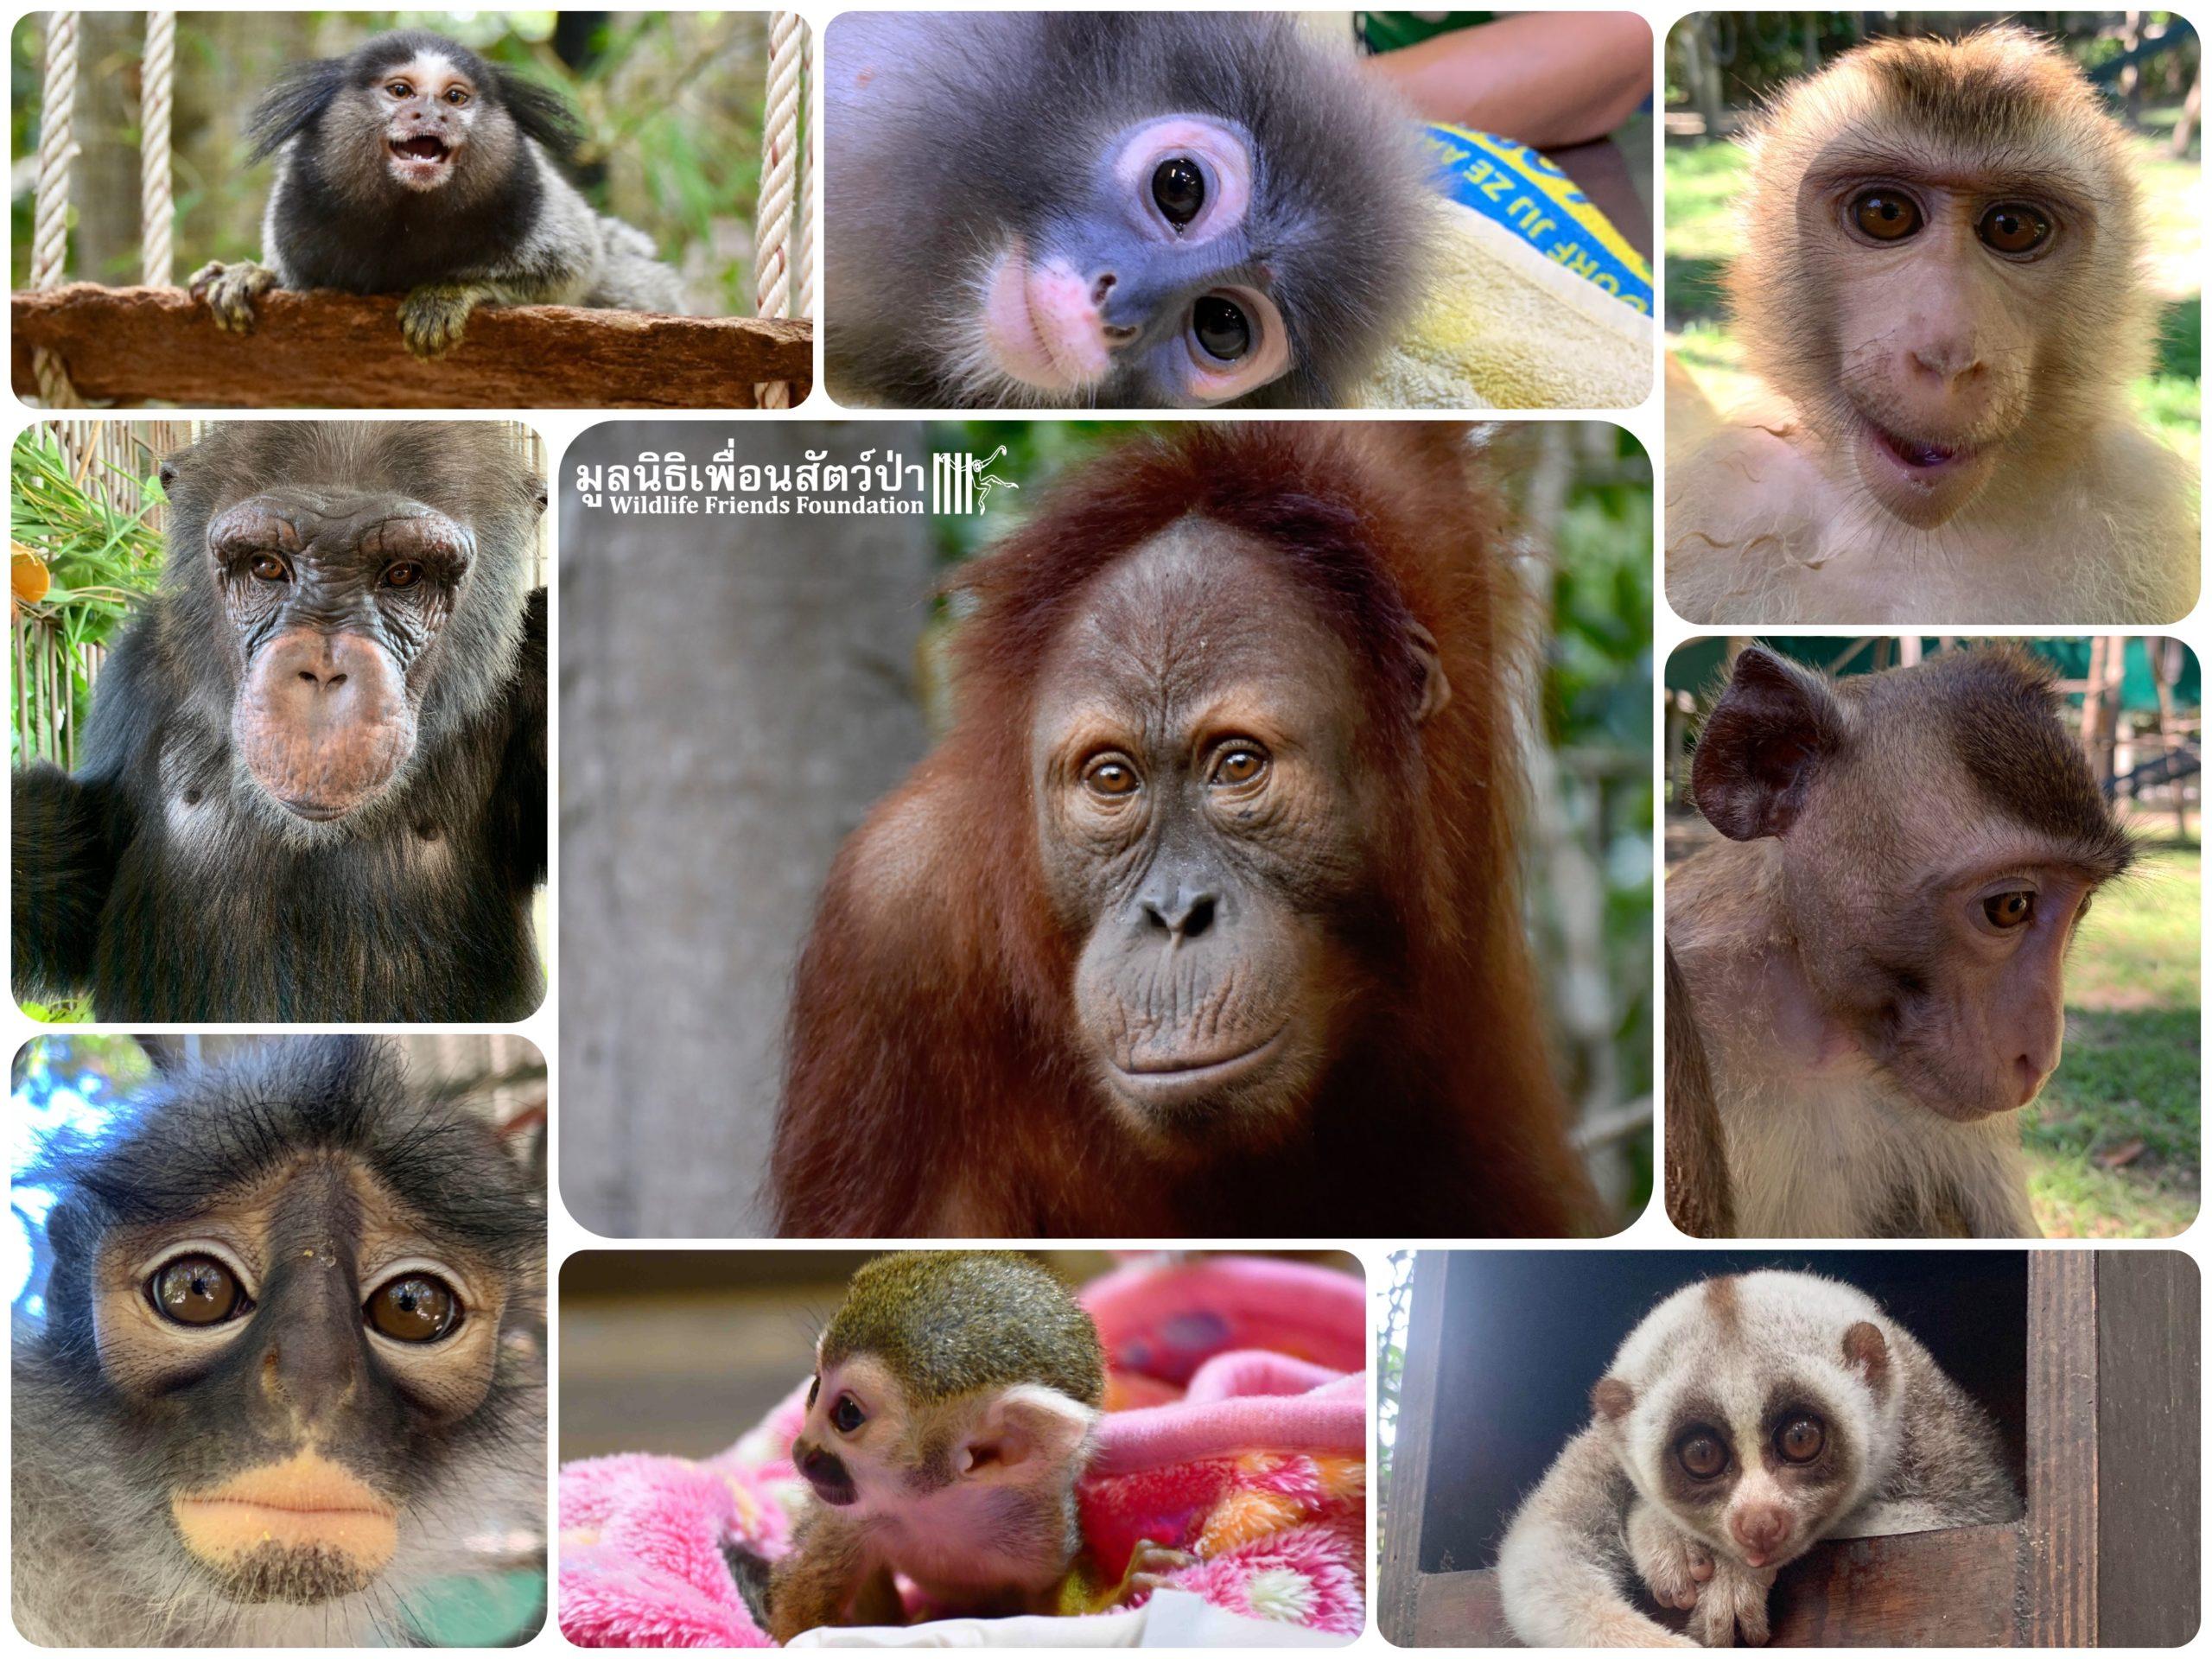 Volunteers Archives Wildlife Friends Foundation Thailand